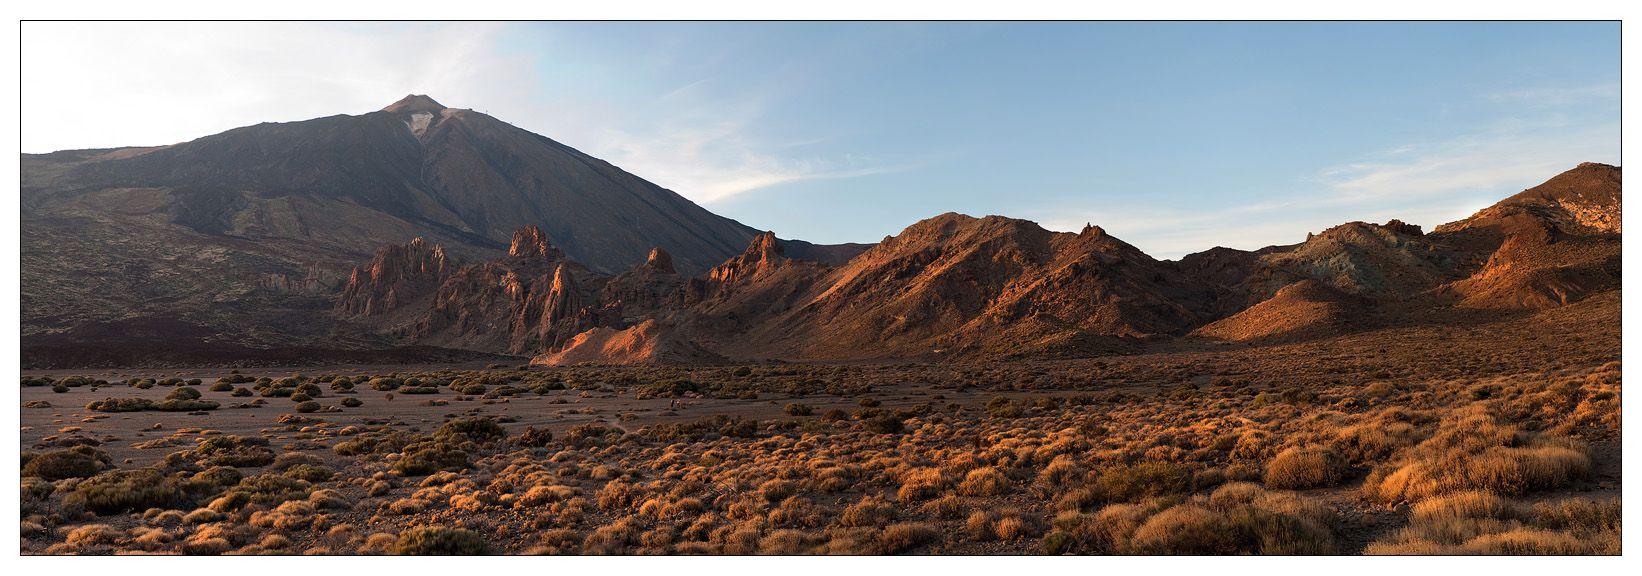 Основная достопримечательность национального парка — вулкан Тейде и его стратовулкан Пико Виеху. Высота вулкана Тейде — 3718 метров, это самый высокий пик Канарских островов и Испании. Он возвышается в самом центре парка, вершина вулкана имеет правильную конусообразную форму, в зимнее время покрывается снегом. Тейде действующий вулкан и это подтверждает большое количество фумарол в его кратере и стойкий запах серы.